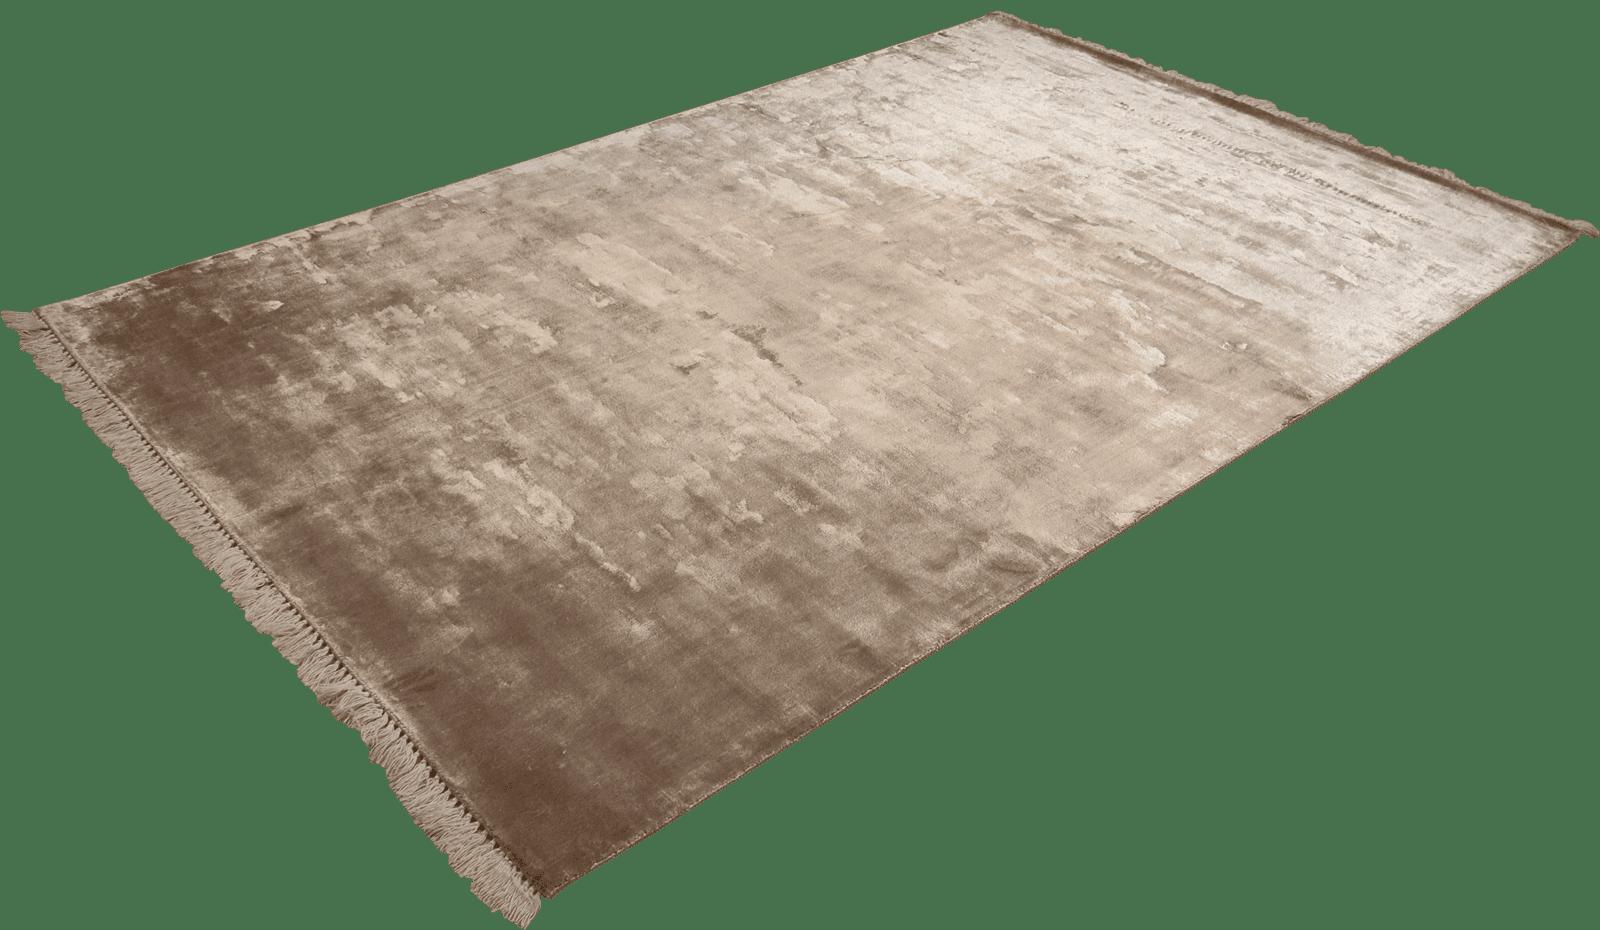 monalisa-design-tapijt-moderne-tapijten-handgeknoopte-design-exclusieve-luxe-vloerkleden-bruin-grijs-taupe-300x200-koreman-maastricht-3978-schuin2.png